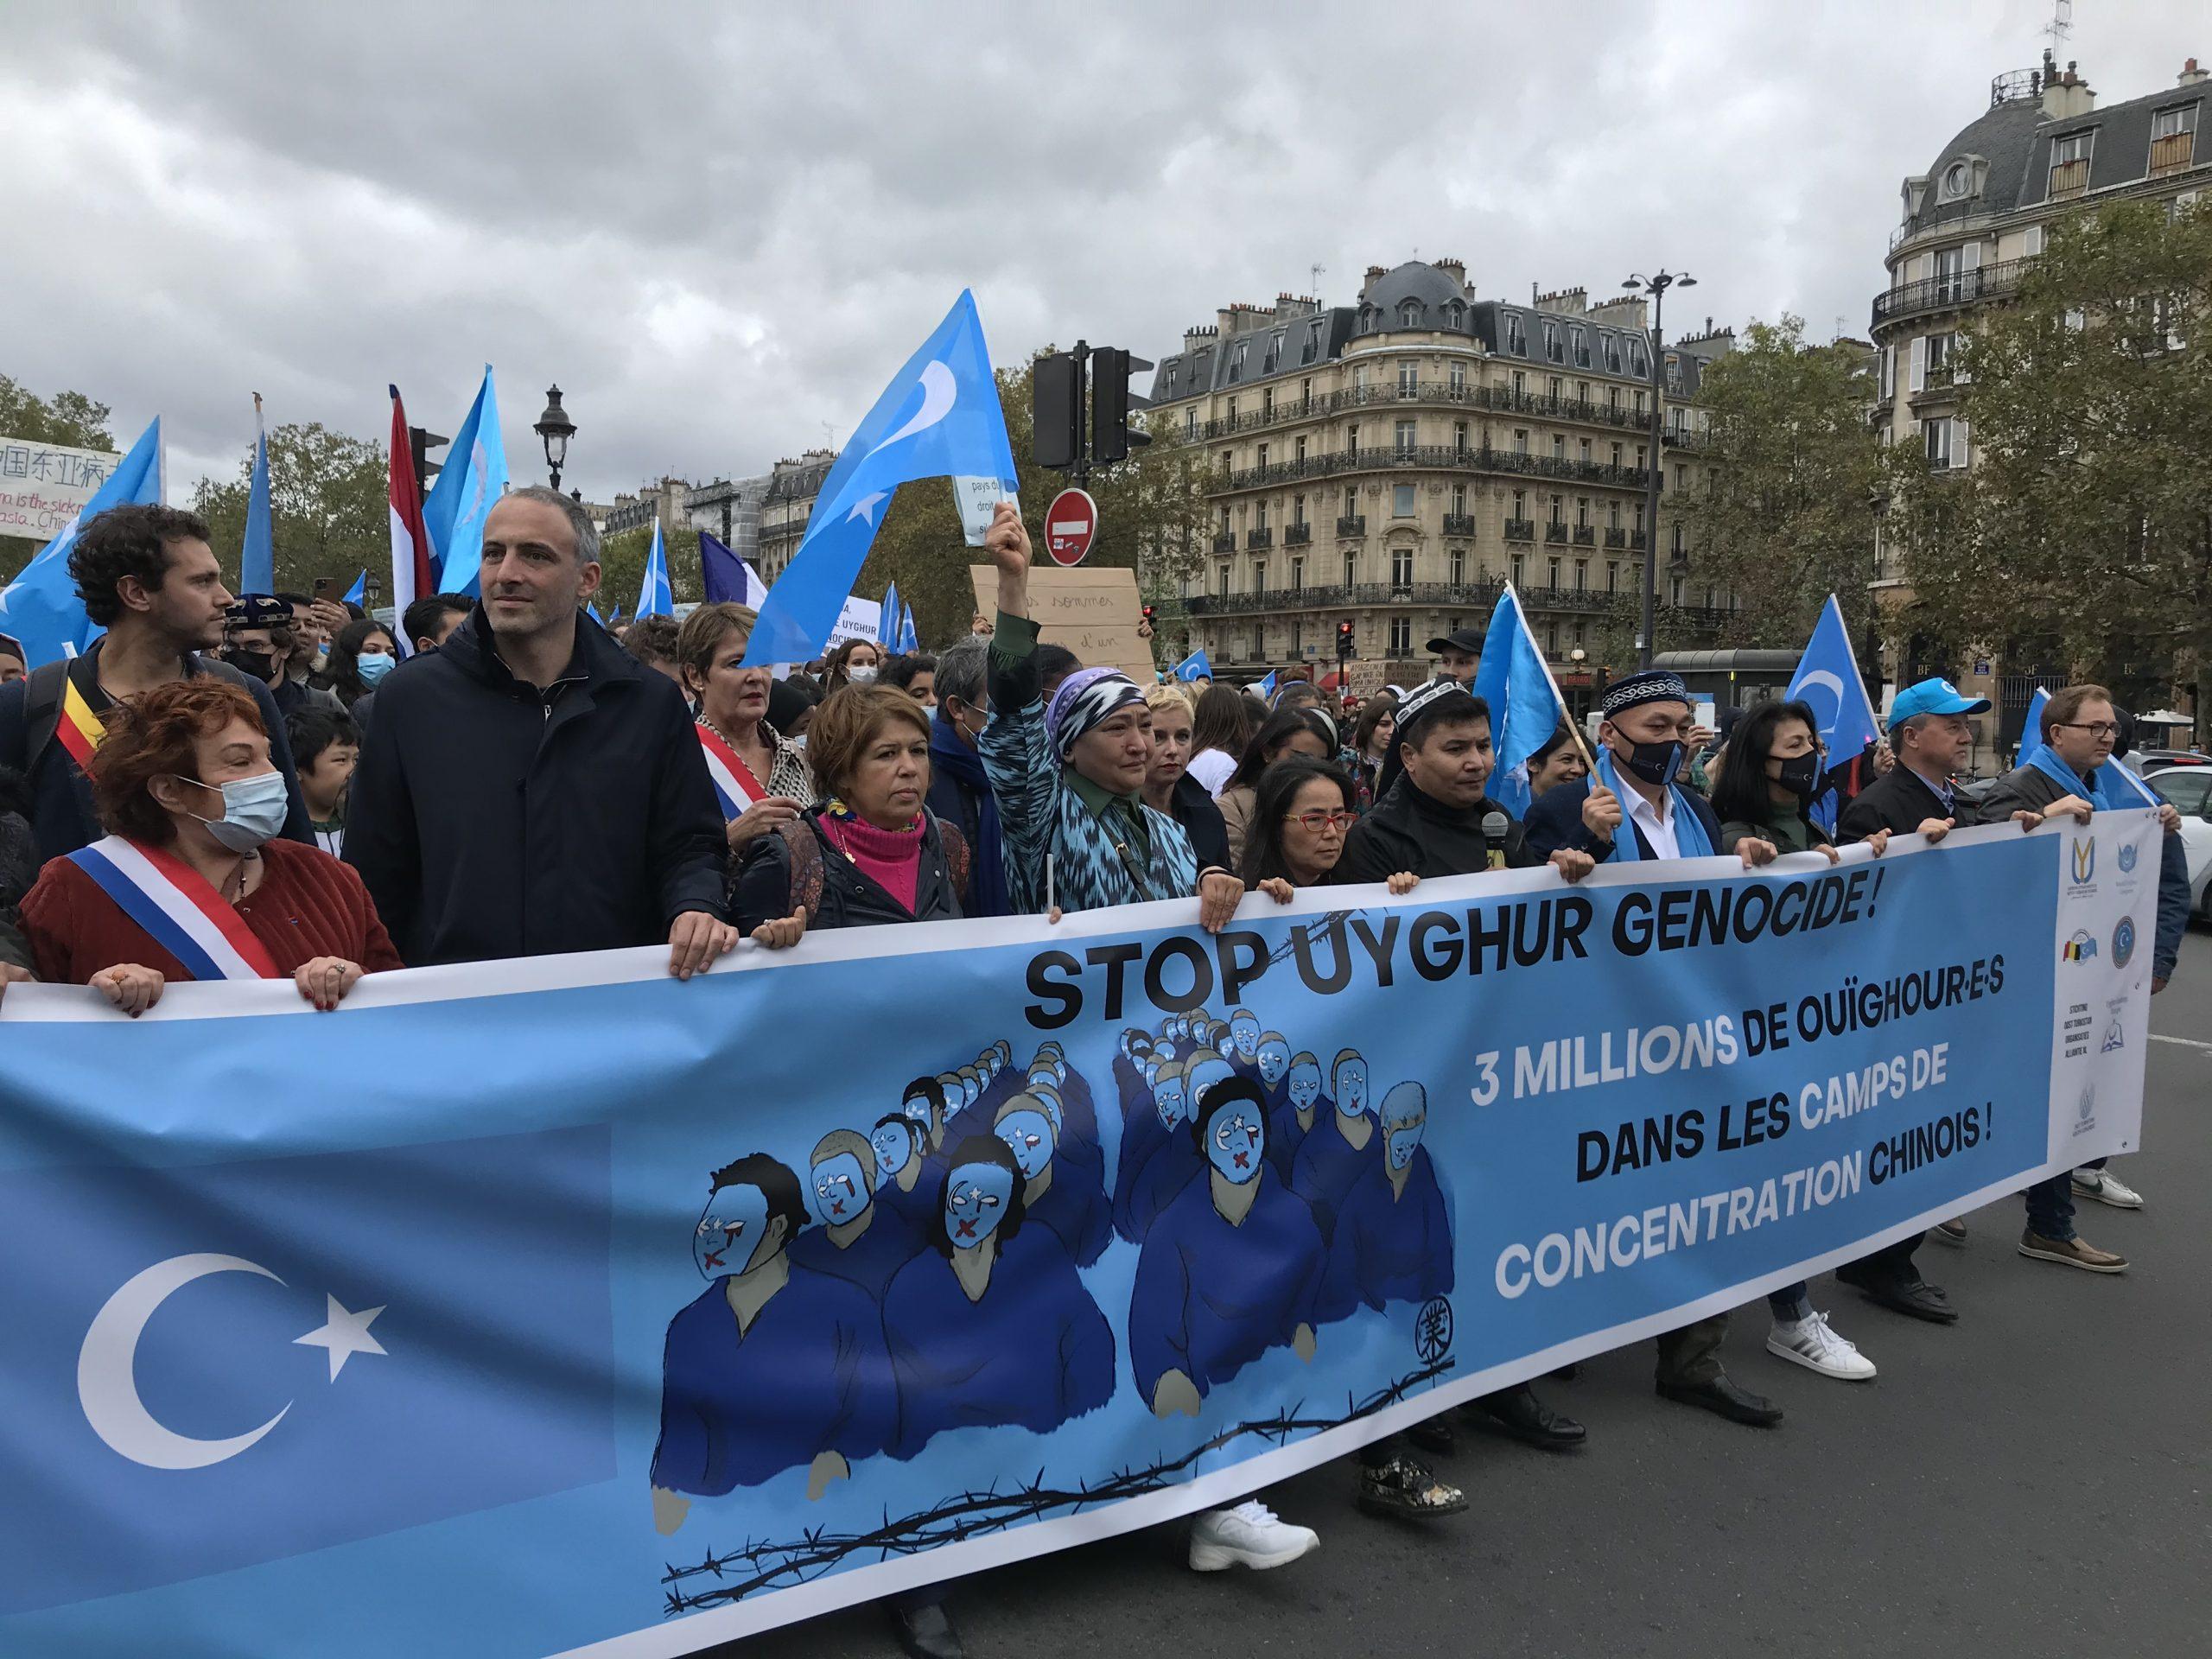 """L'eurodéputé Raphaël Glucksmann (2e à partir de la gauche) et Dilnur Reyhan, présidente de l'institut ouïghour européen (au centre), en tête de la """"marche contre le génocide ouïghour"""" organisé le 2 octobre 2021 à Paris. (Crédit : Baptiste Fallevoz)"""